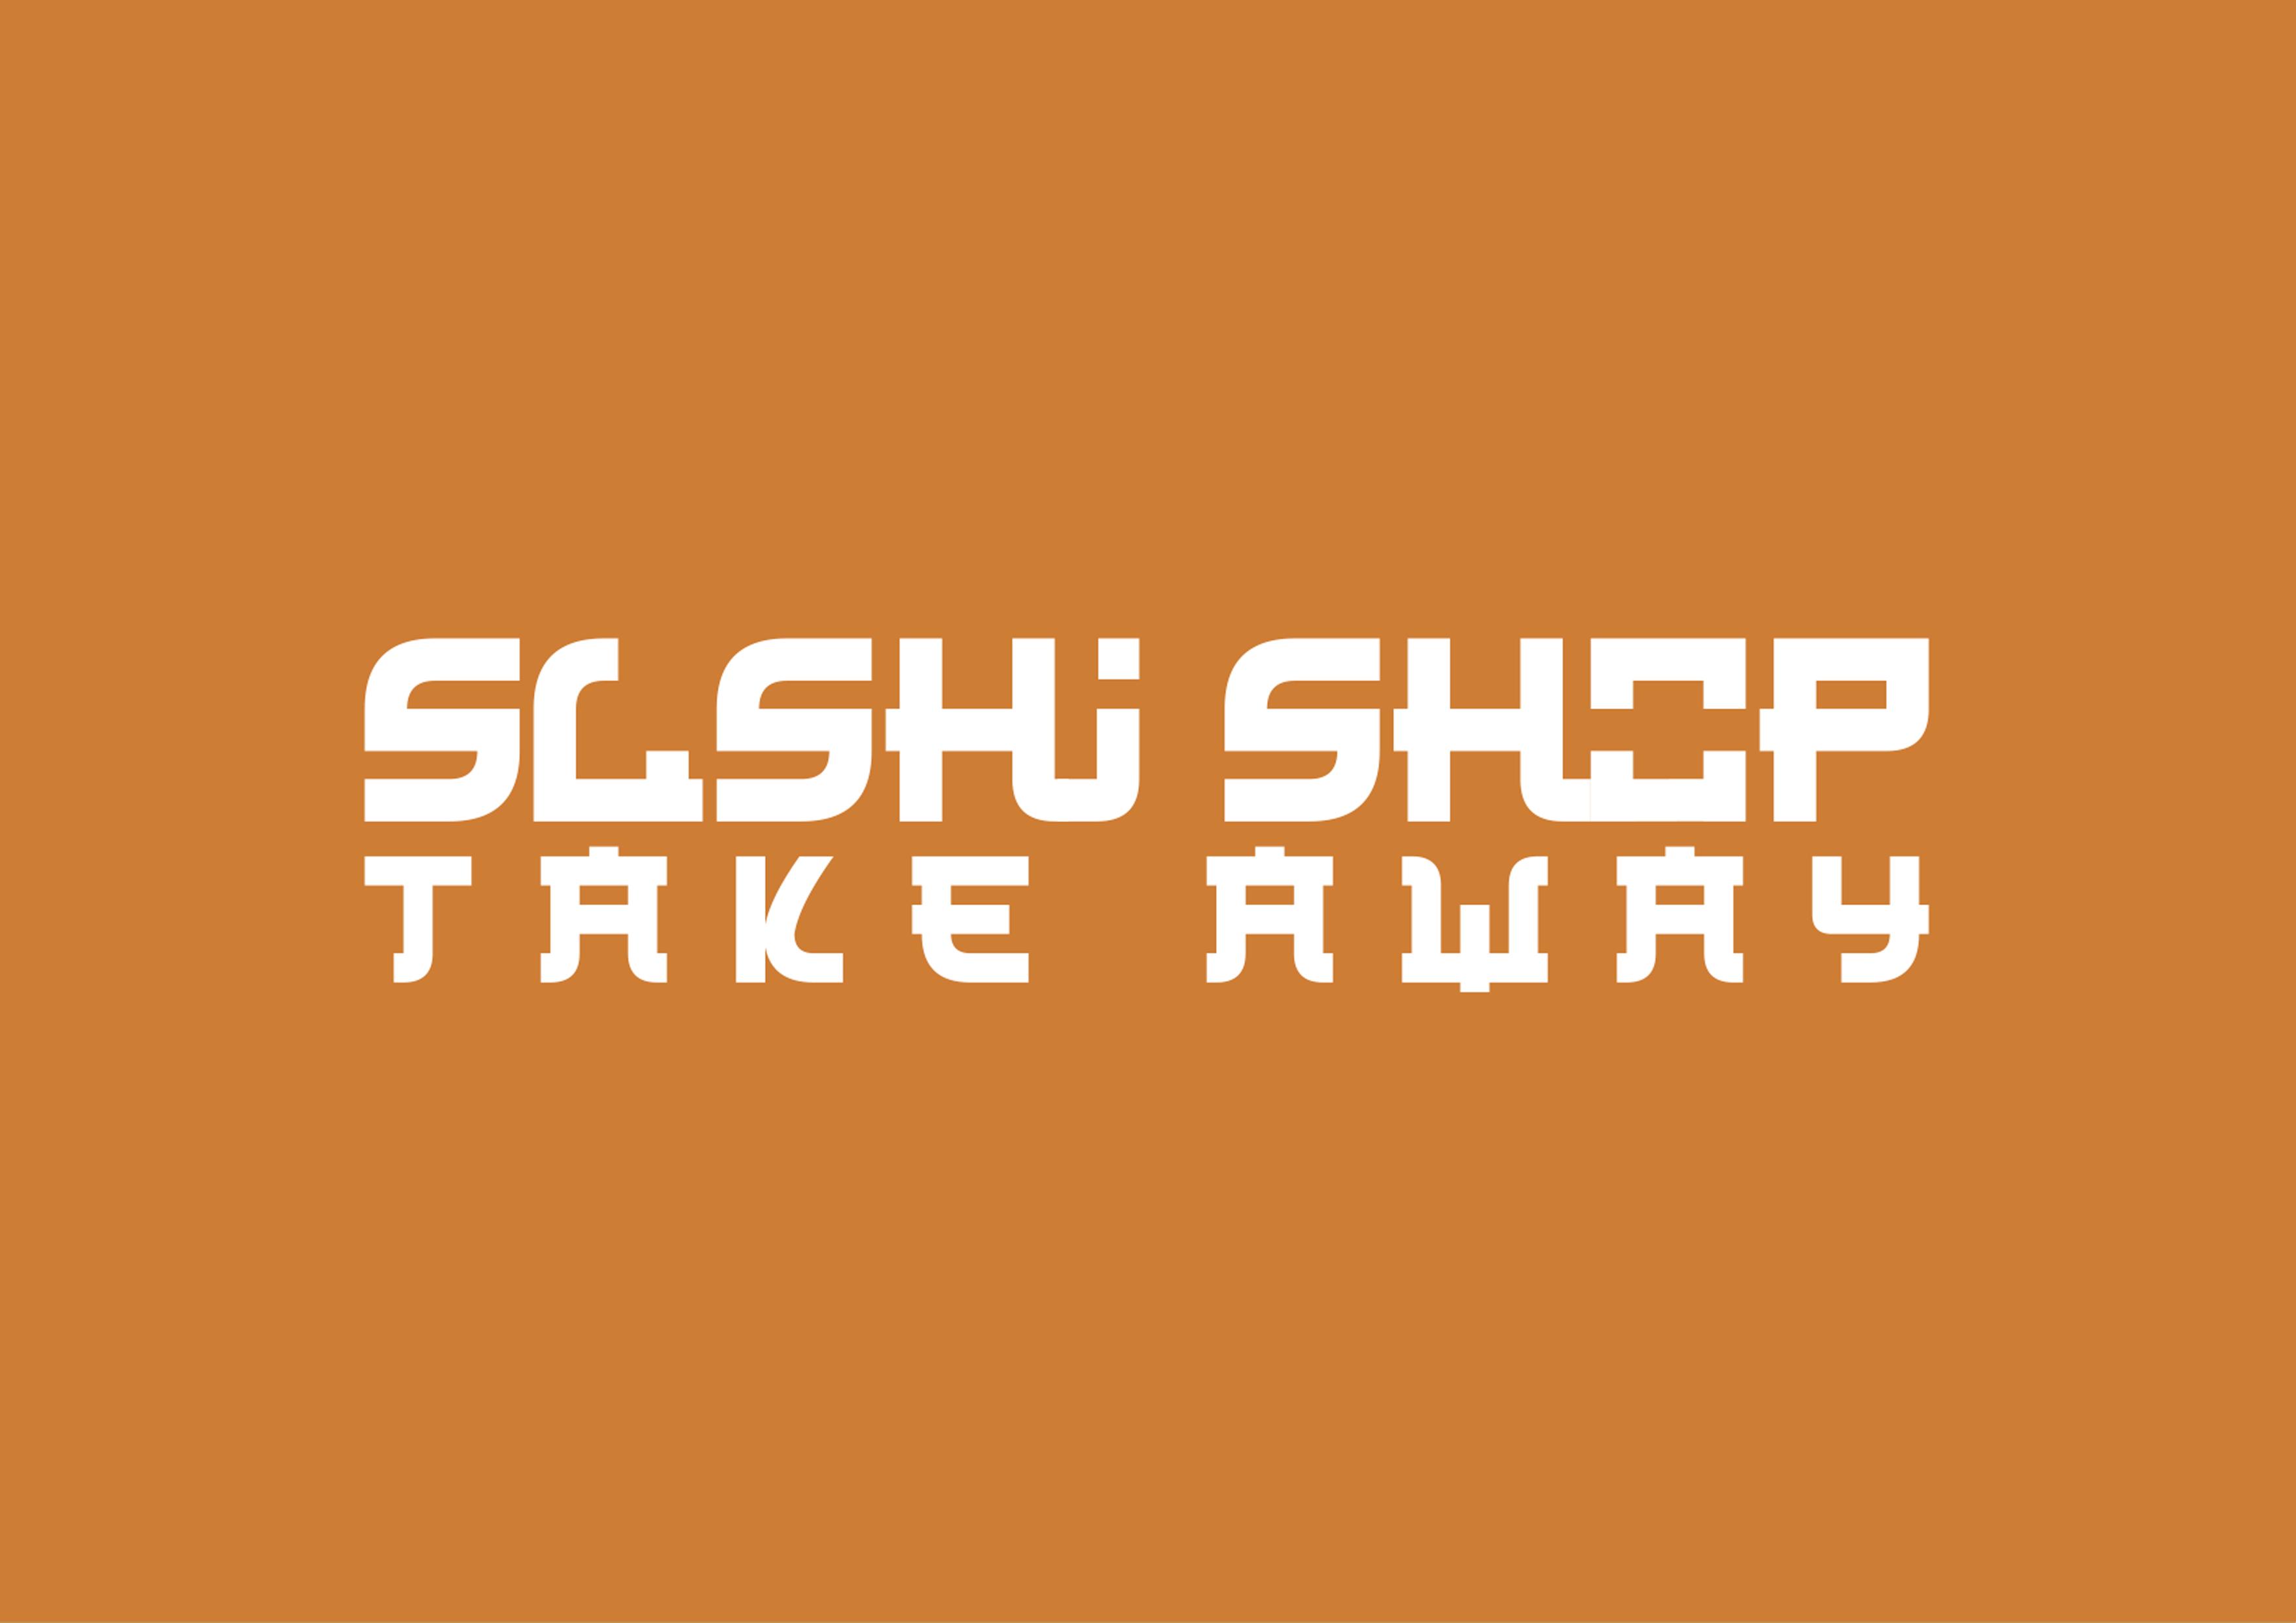 SUSHI SHOP TAKE AWAY